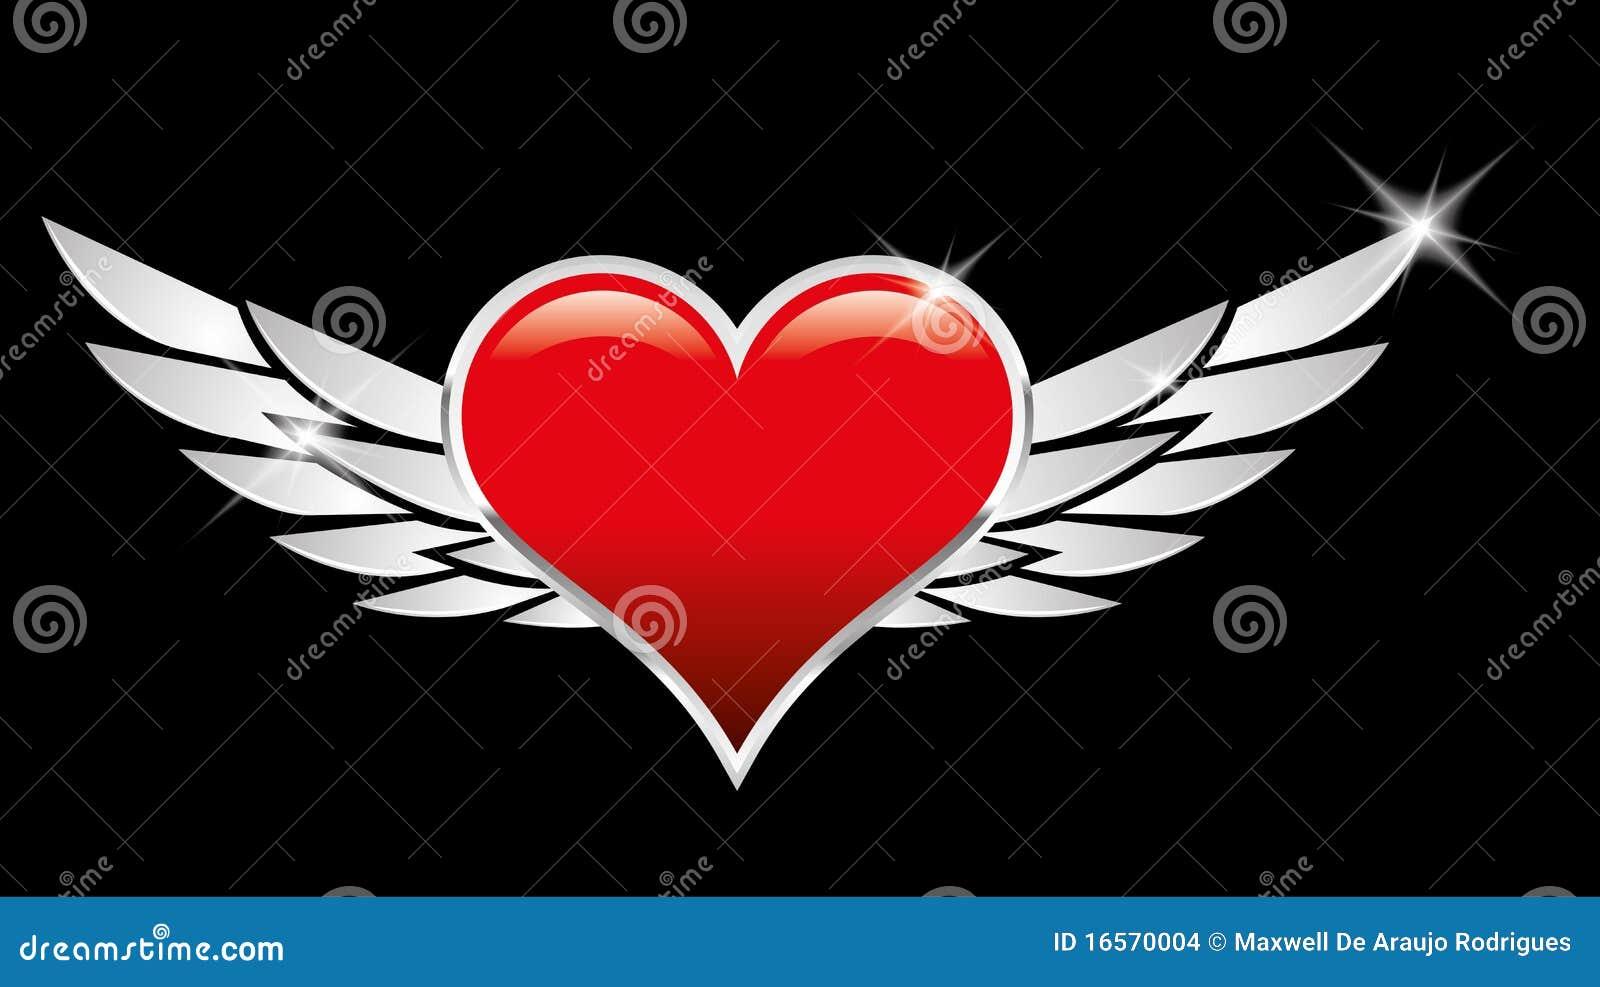 creste rosse di amore del cuore con le ali immagini stock wings clip art public wings clip art in the shape of w